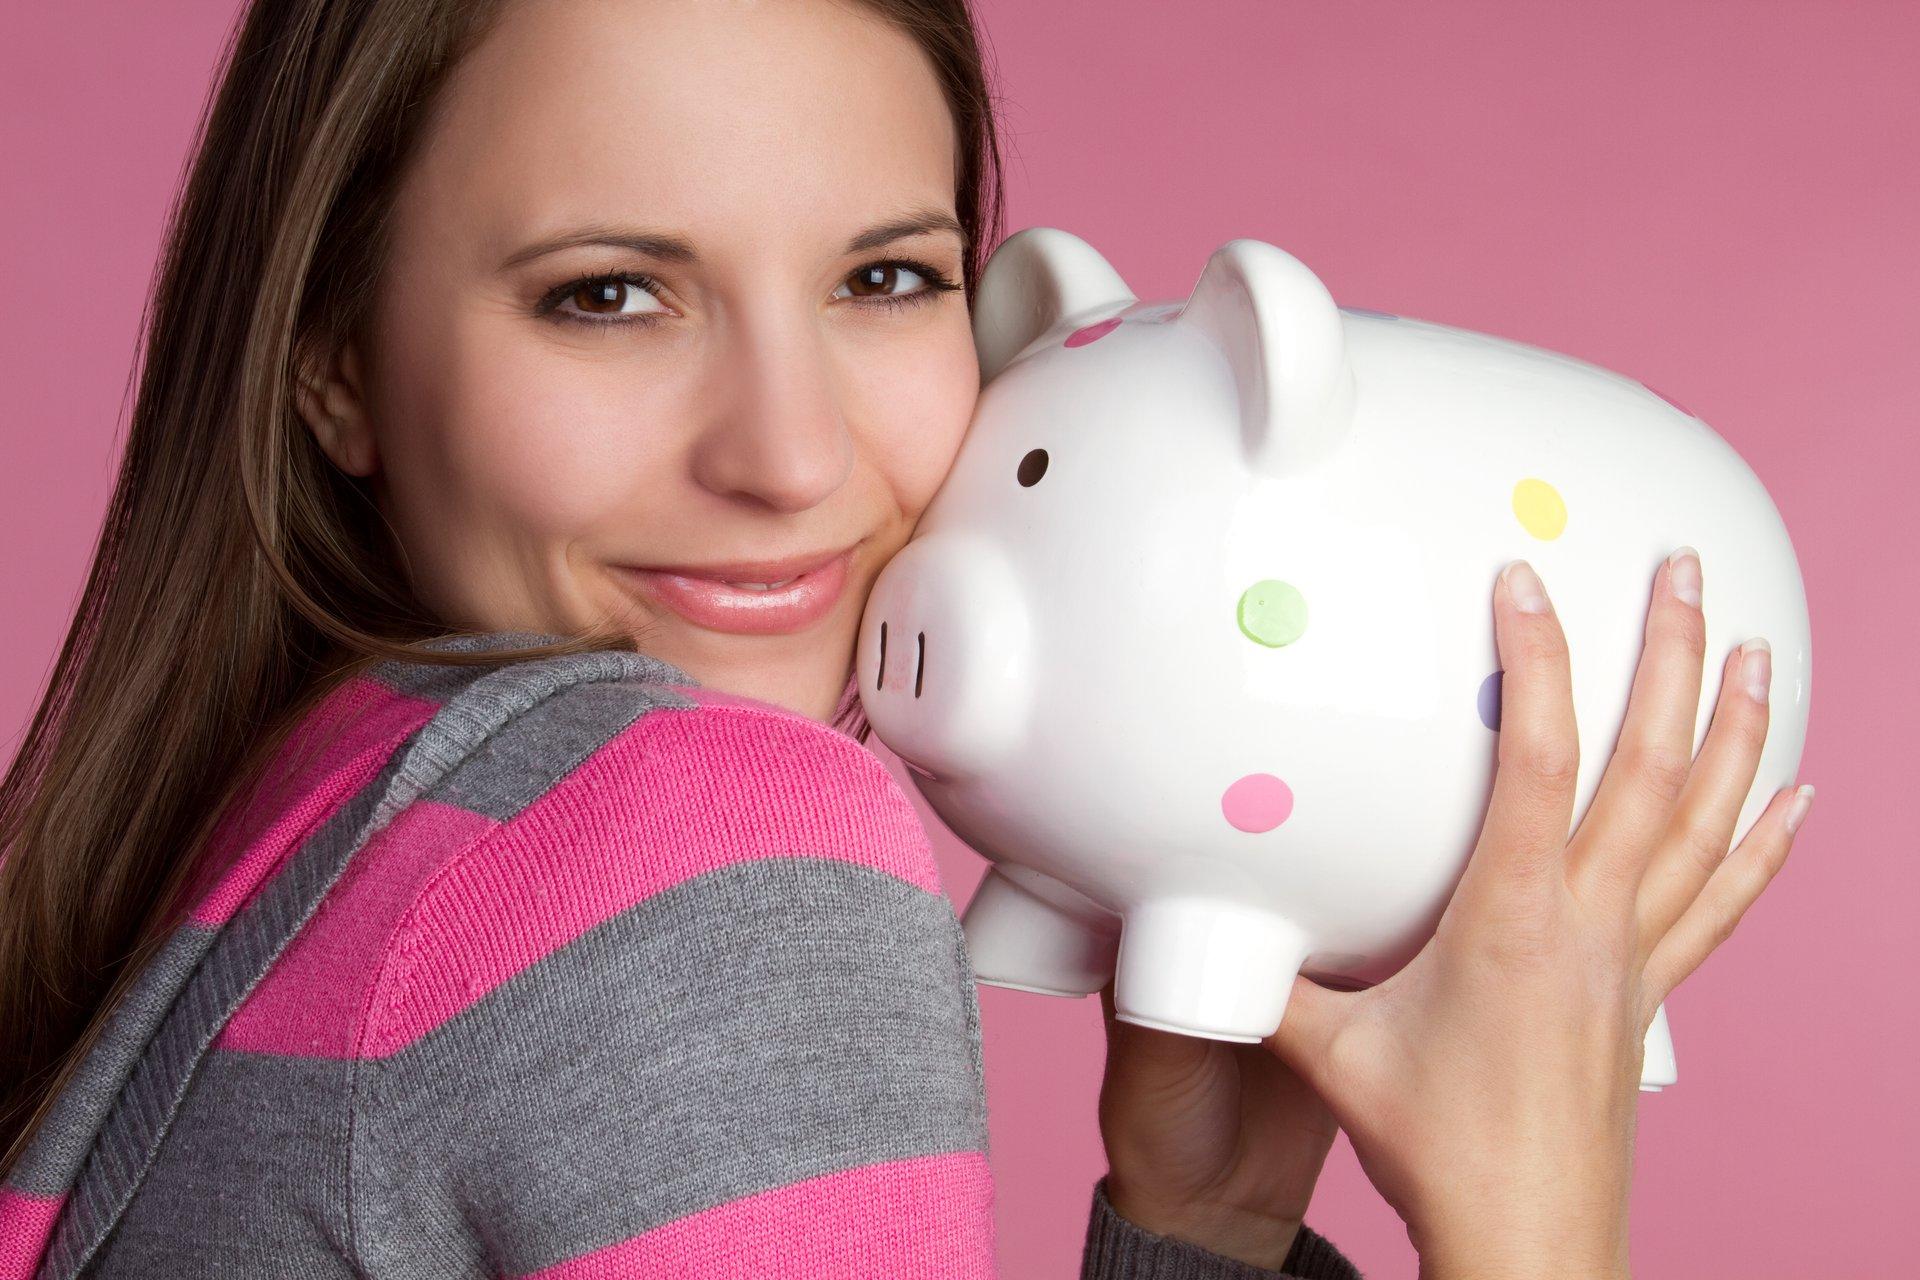 A woman hugs a piggy bank